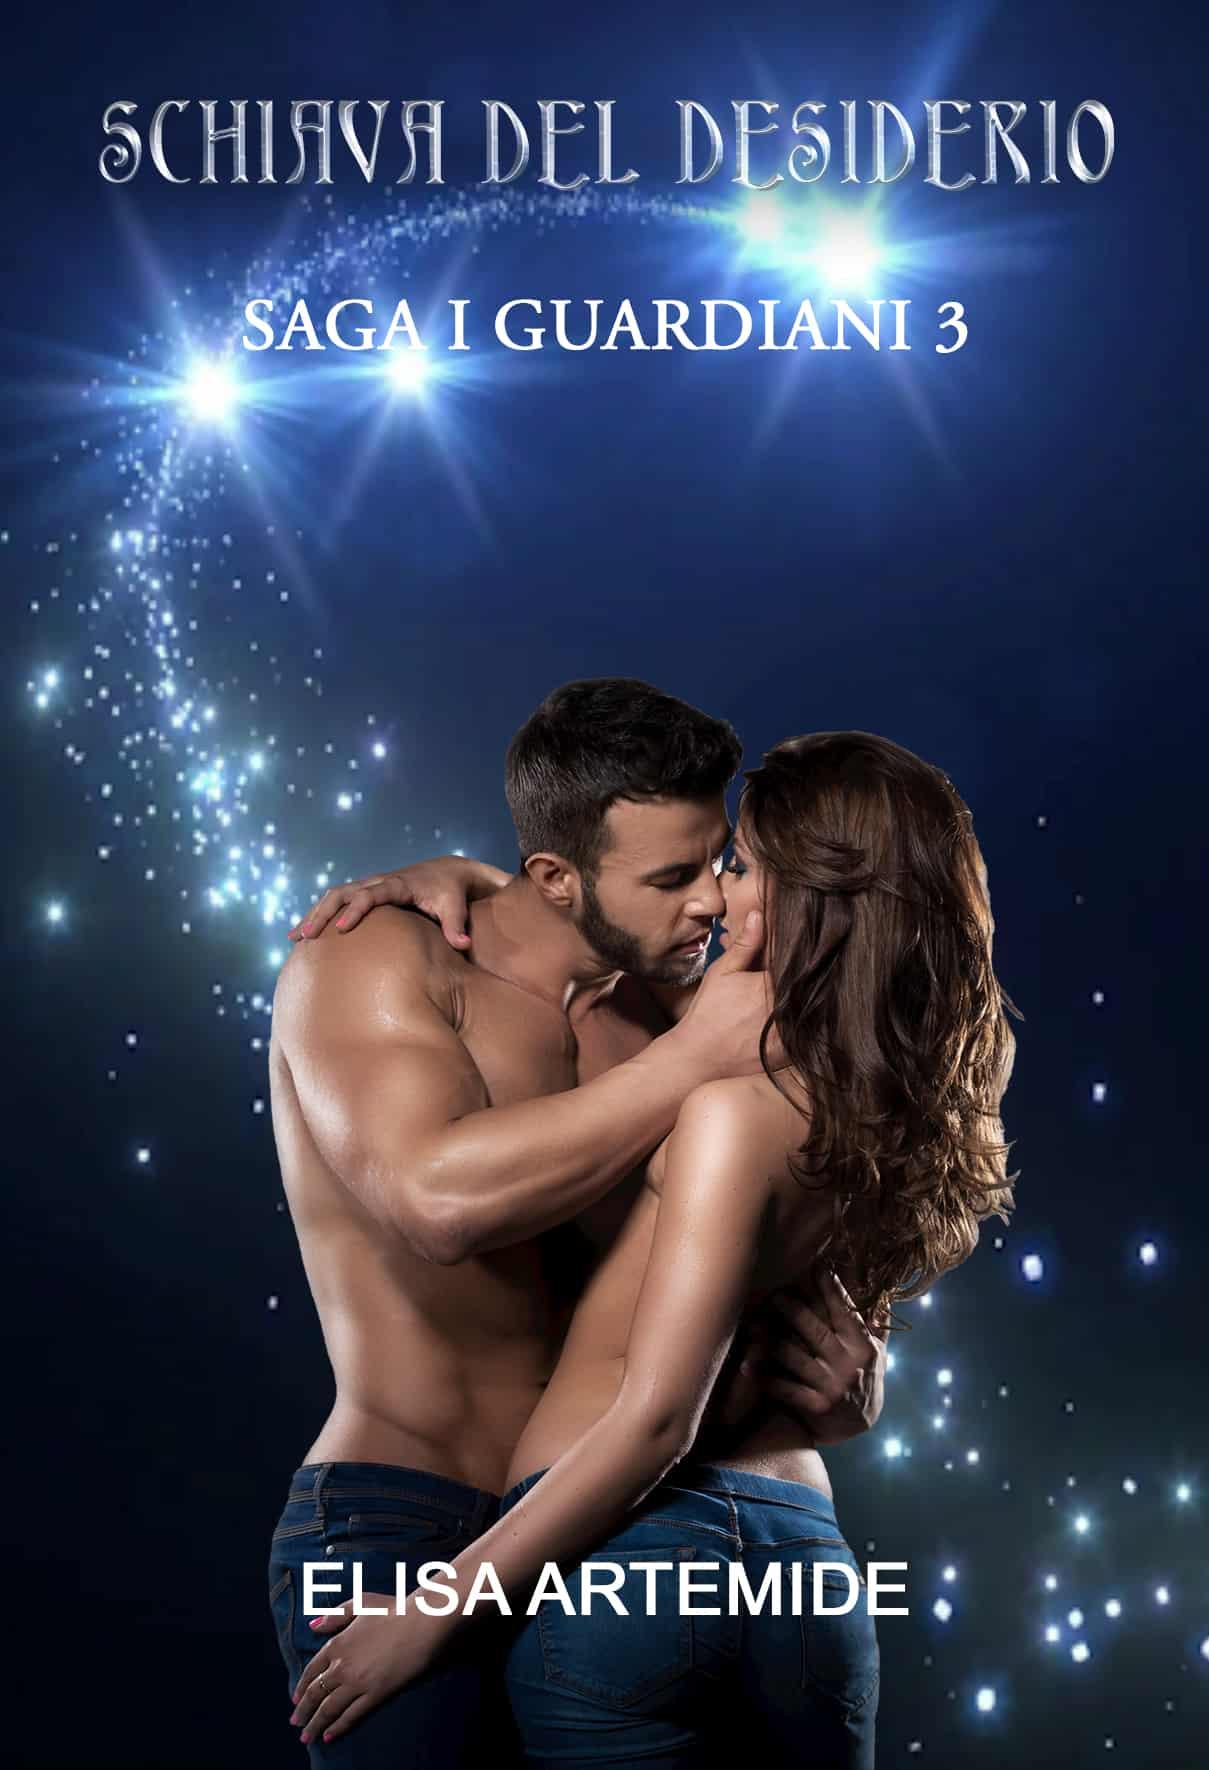 Schiava Del Desiderio - Saga I Guardiani 3